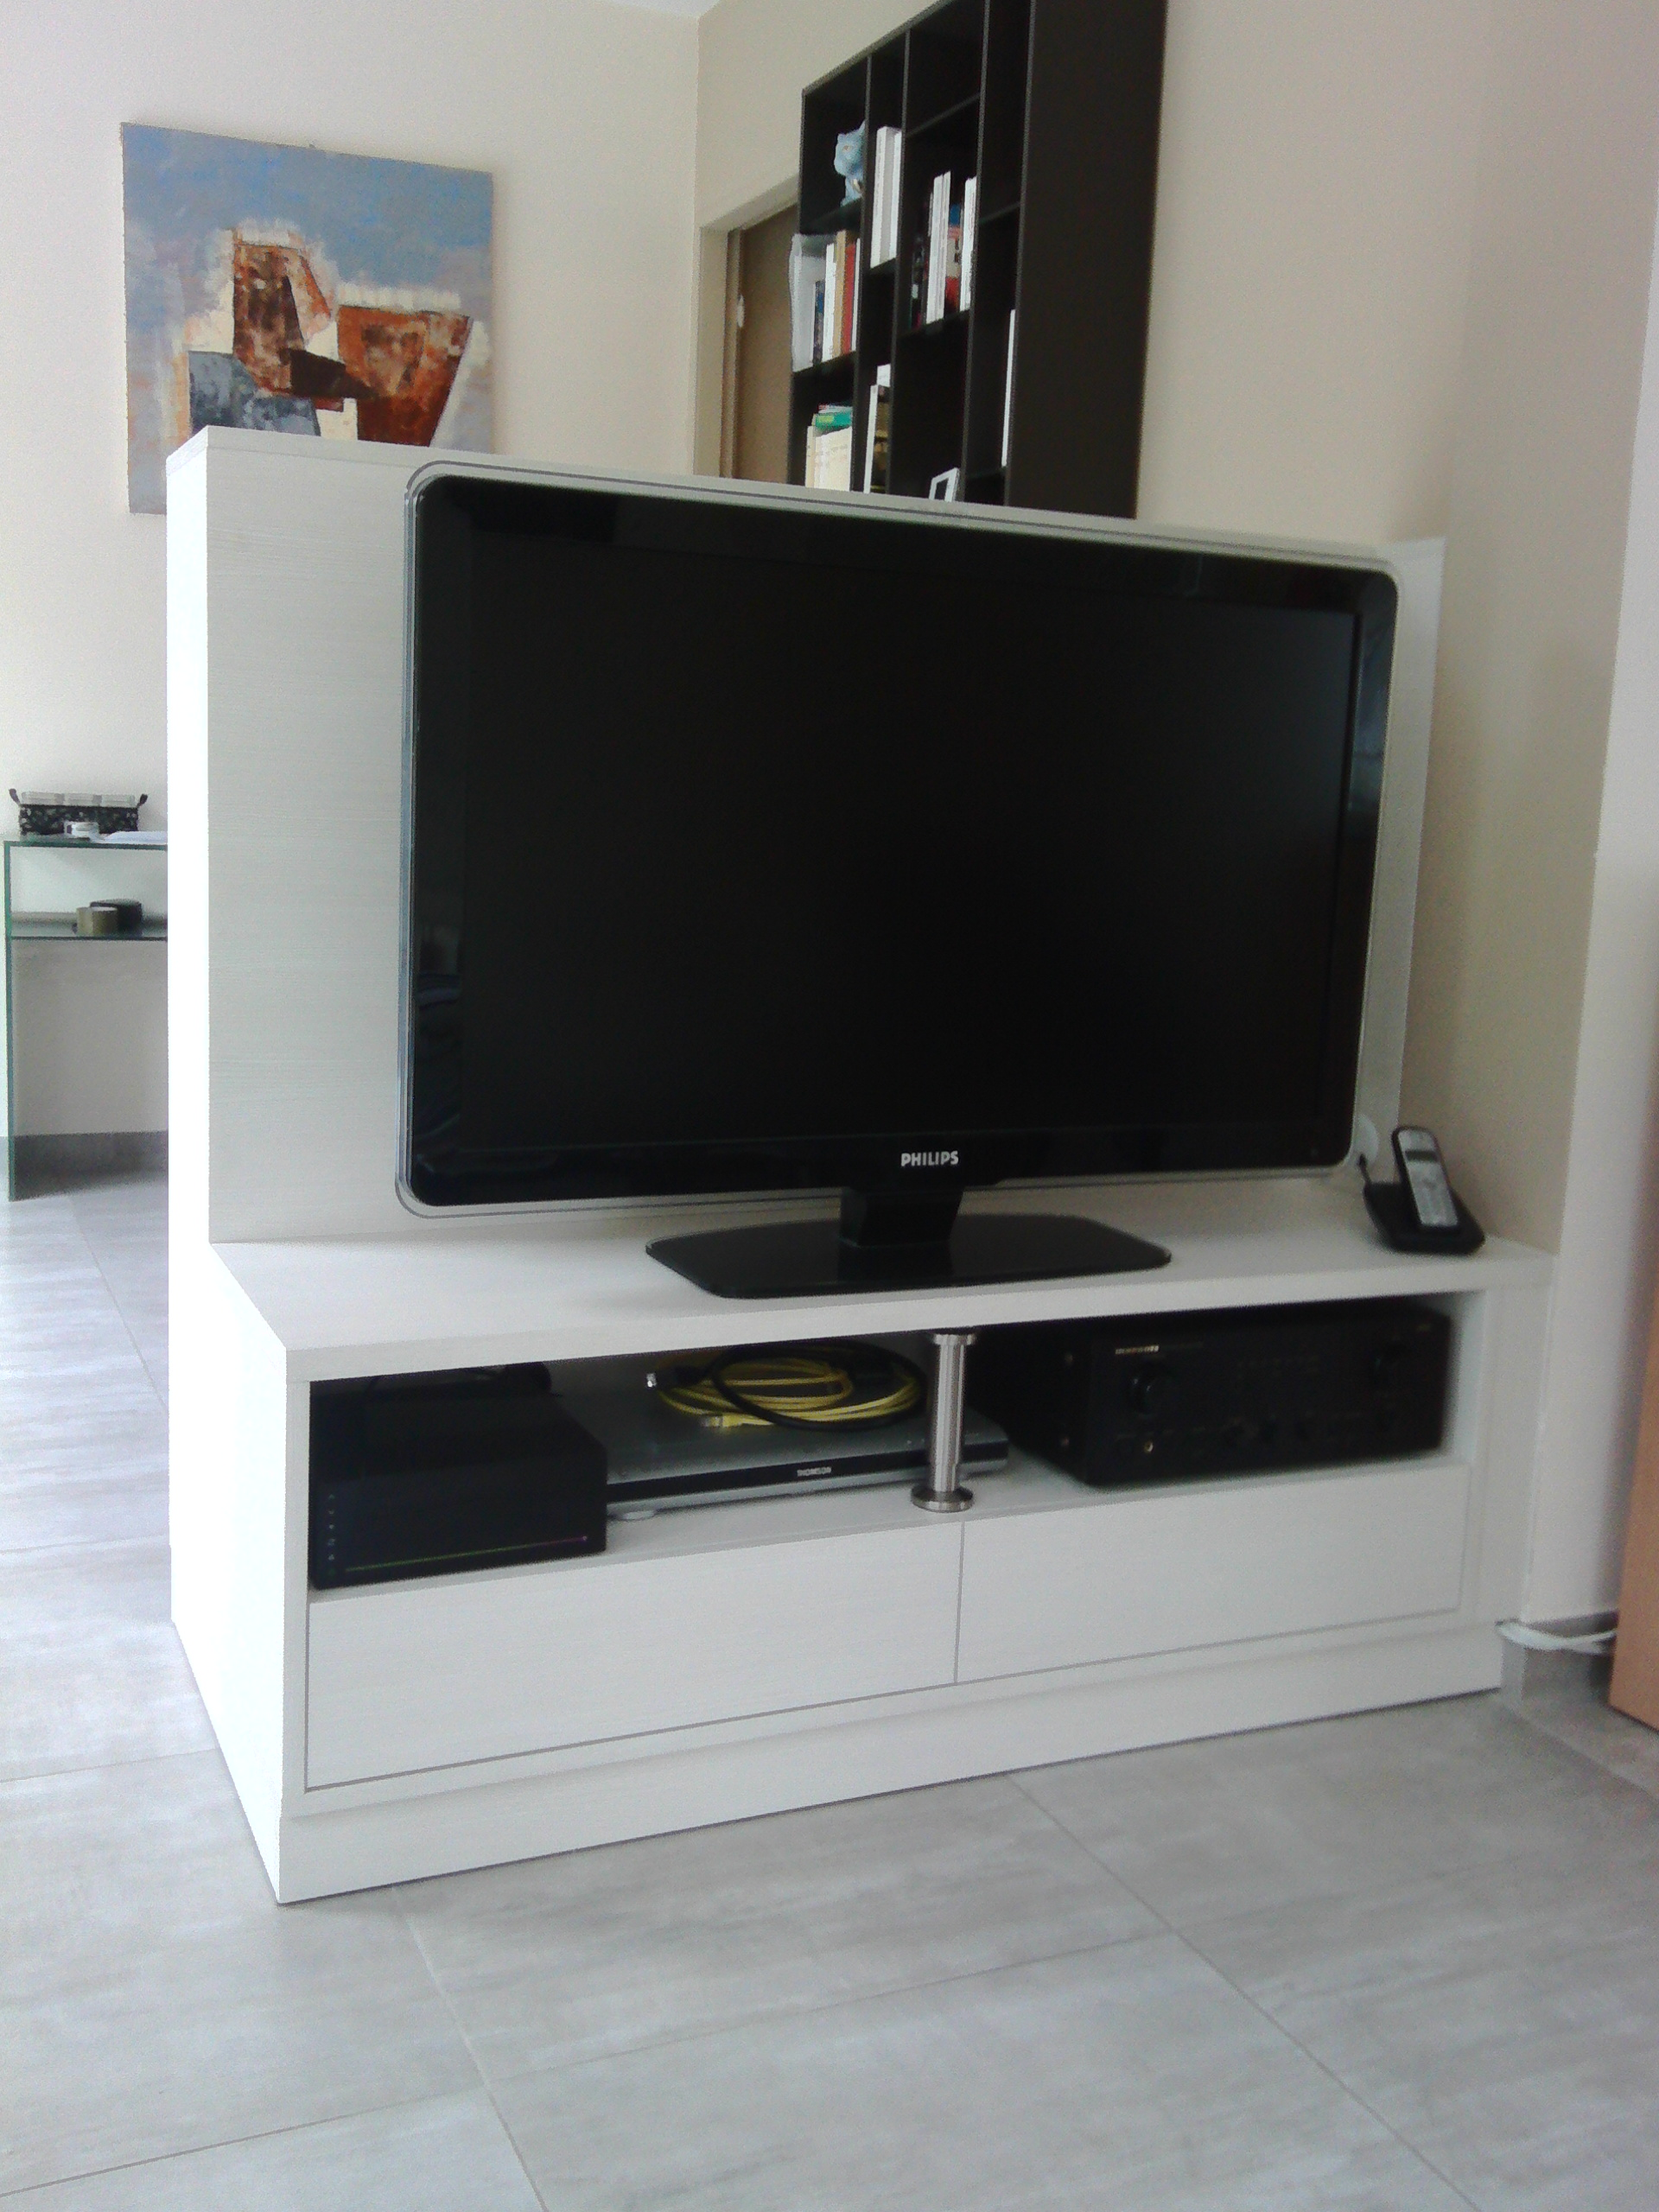 Meuble Tv Avec Bibliothèque meuble tv en séparation de pièces - kiosque aménagement